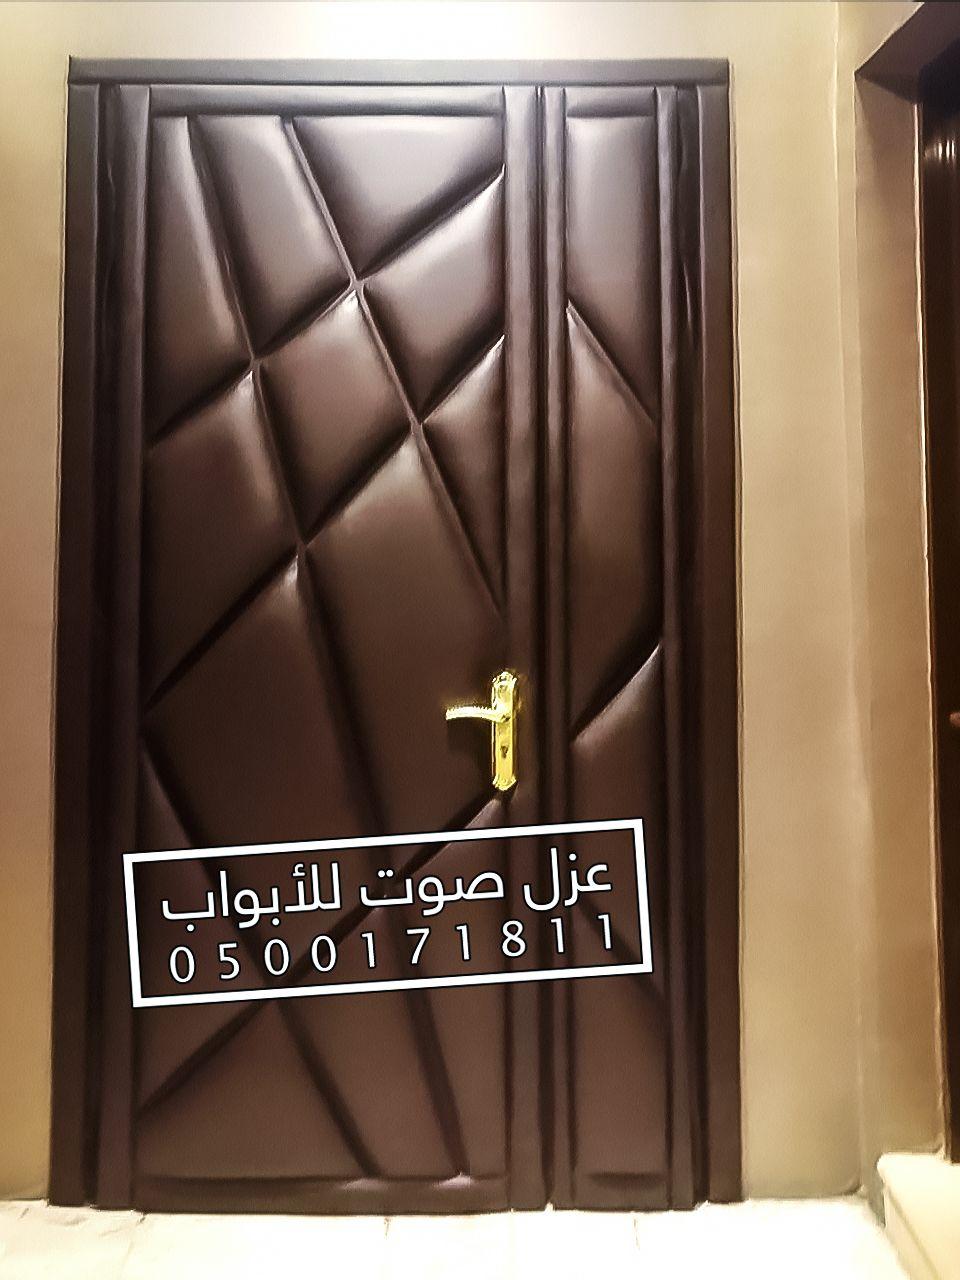 اقوى عازل صوت باب ابواب الرياض Home Decor Decals Decor Home